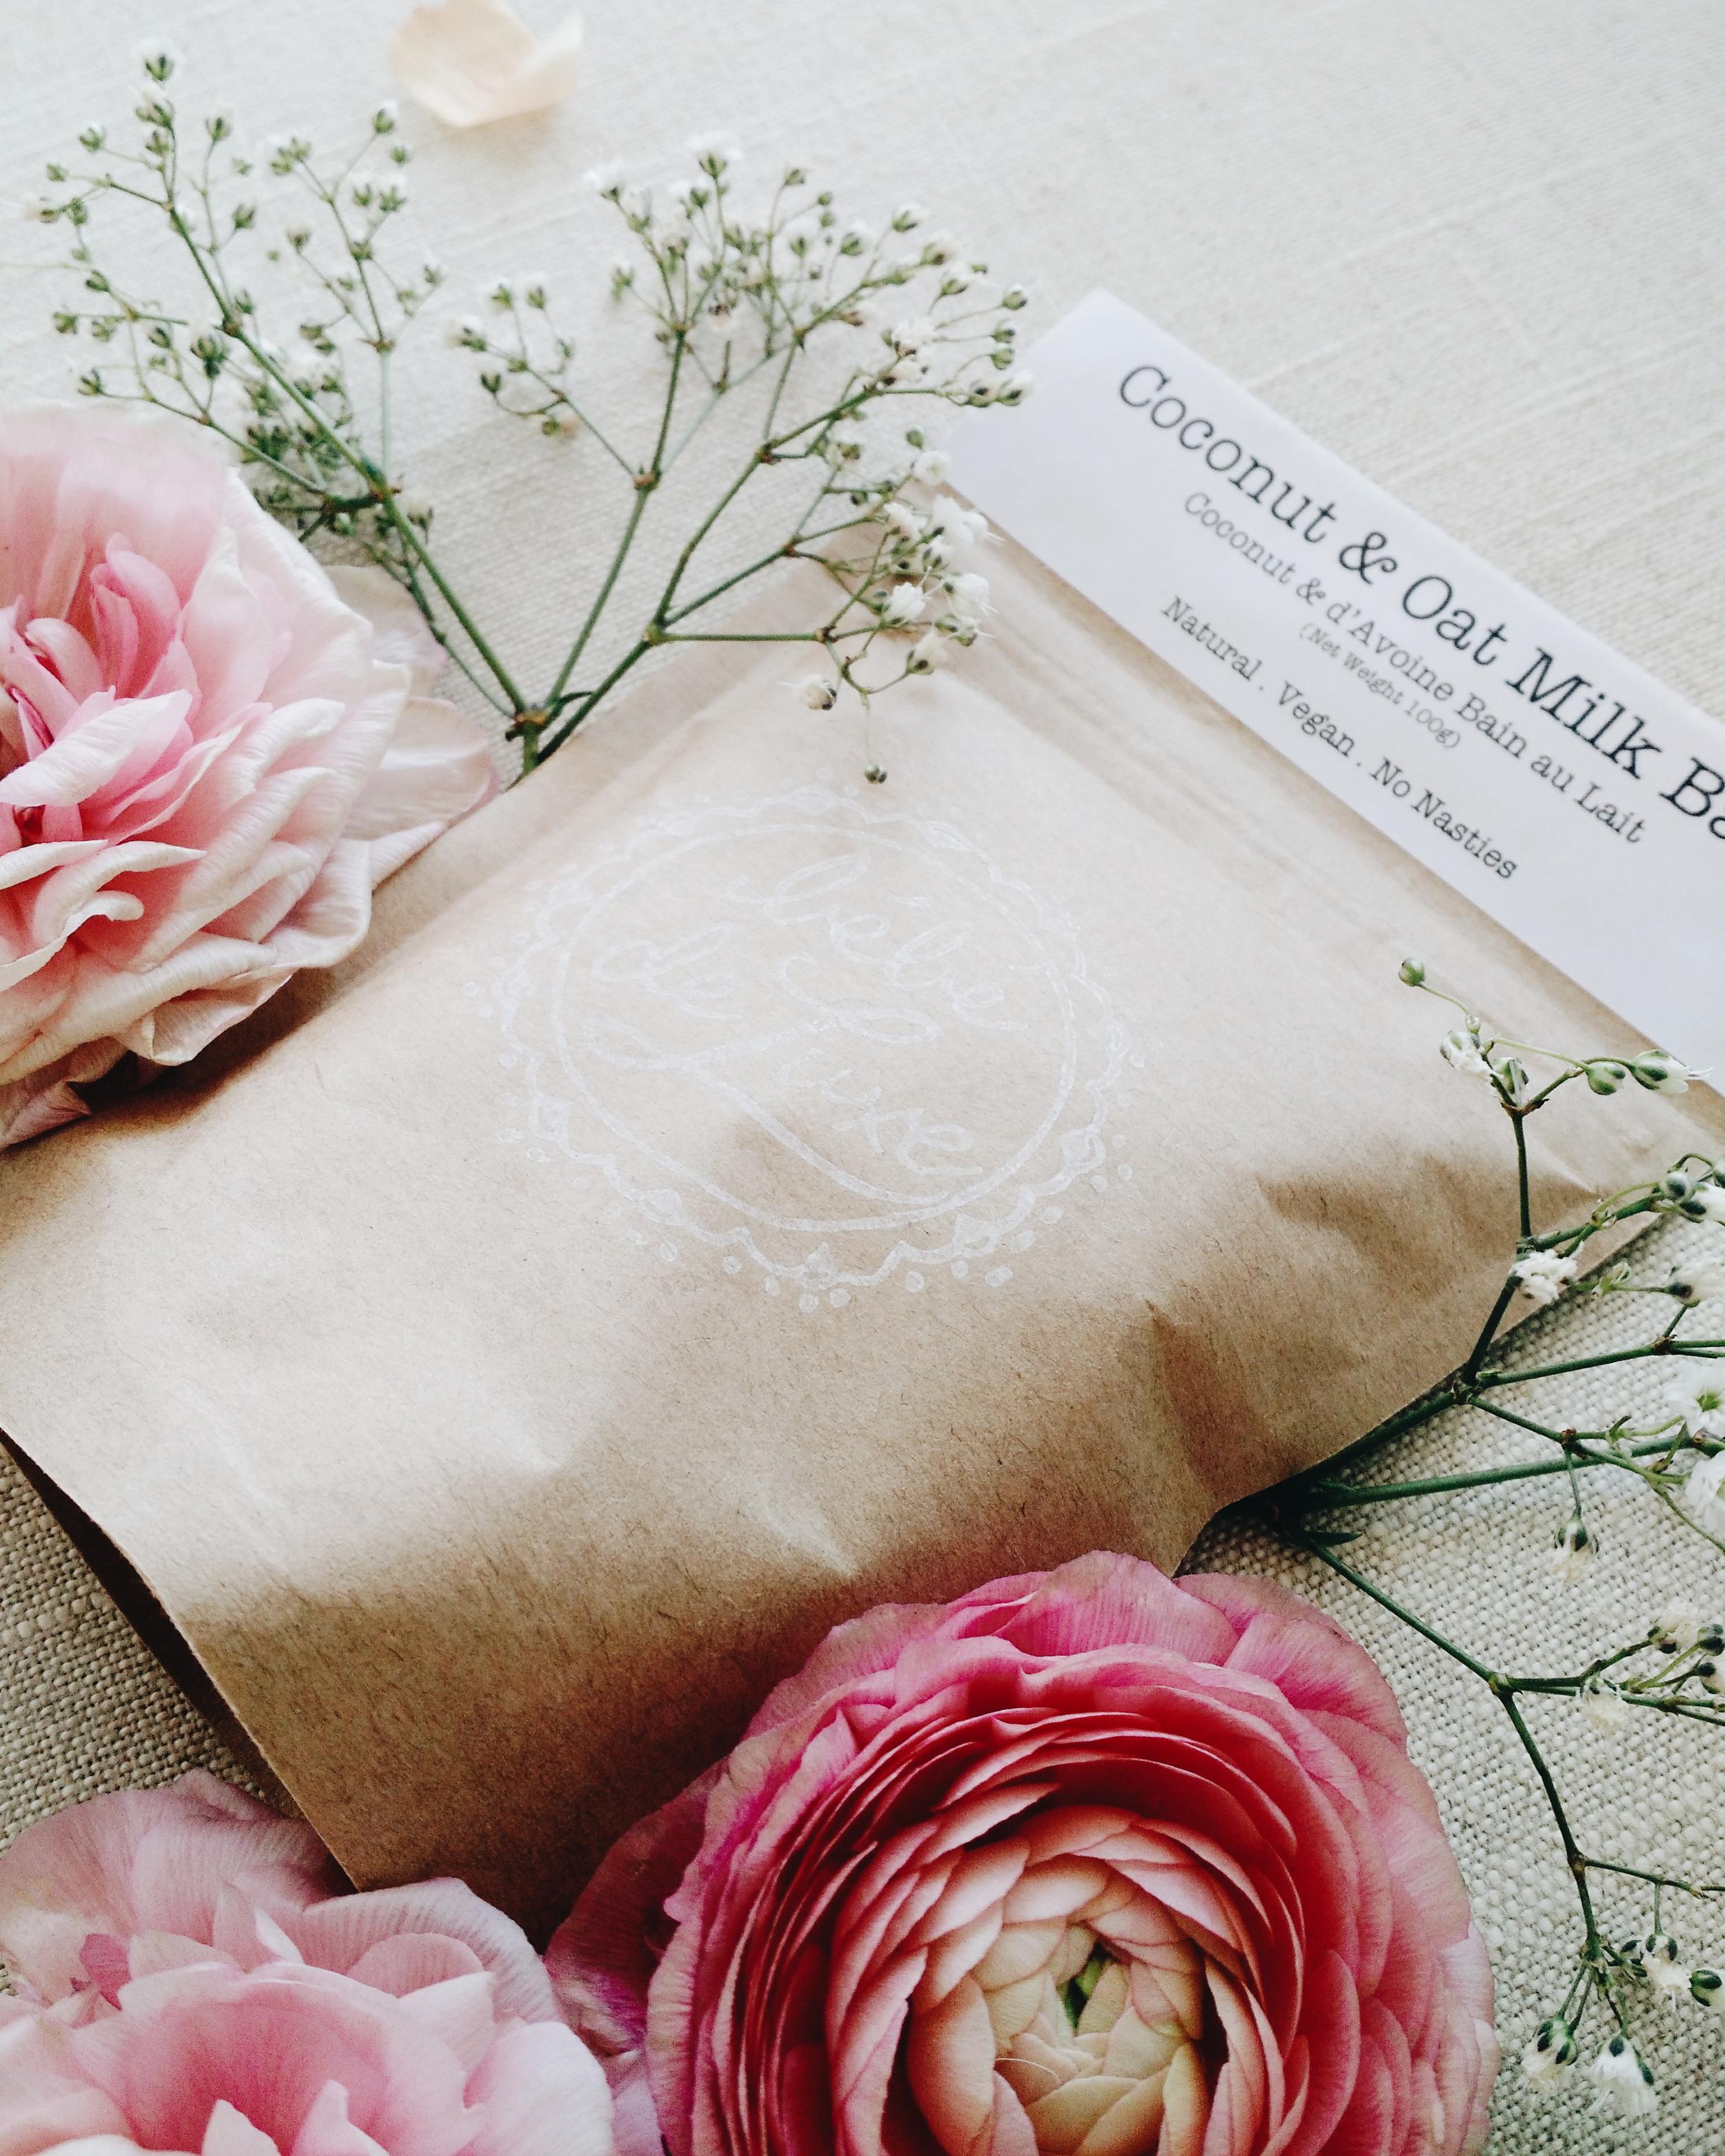 The One Bebe De Luxe floral bath with bébé de luxe — deck & oar